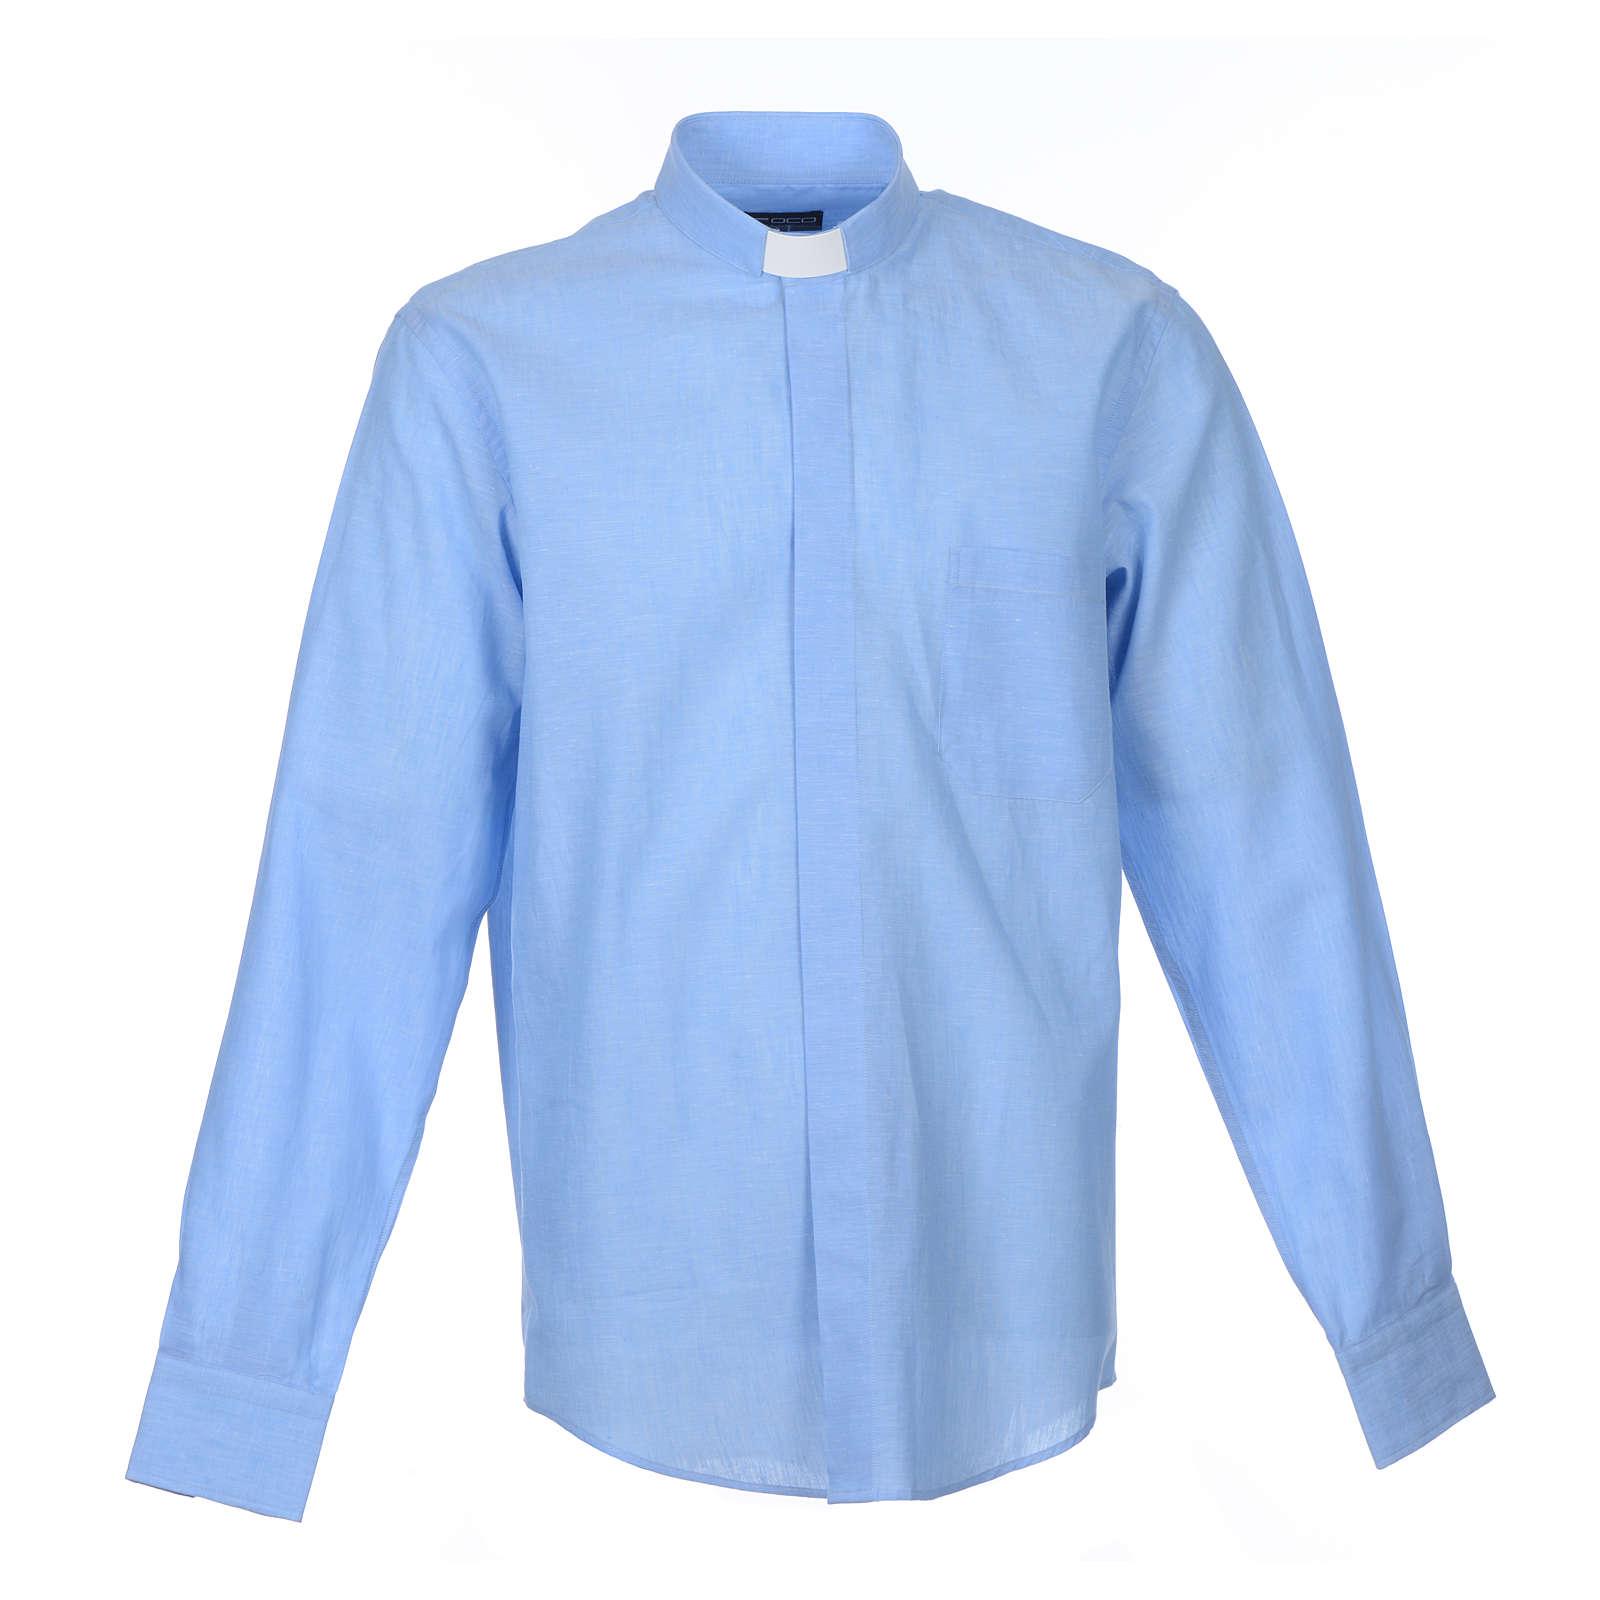 Collarhemd mit Langarm in der Farbe Himmelblau 4